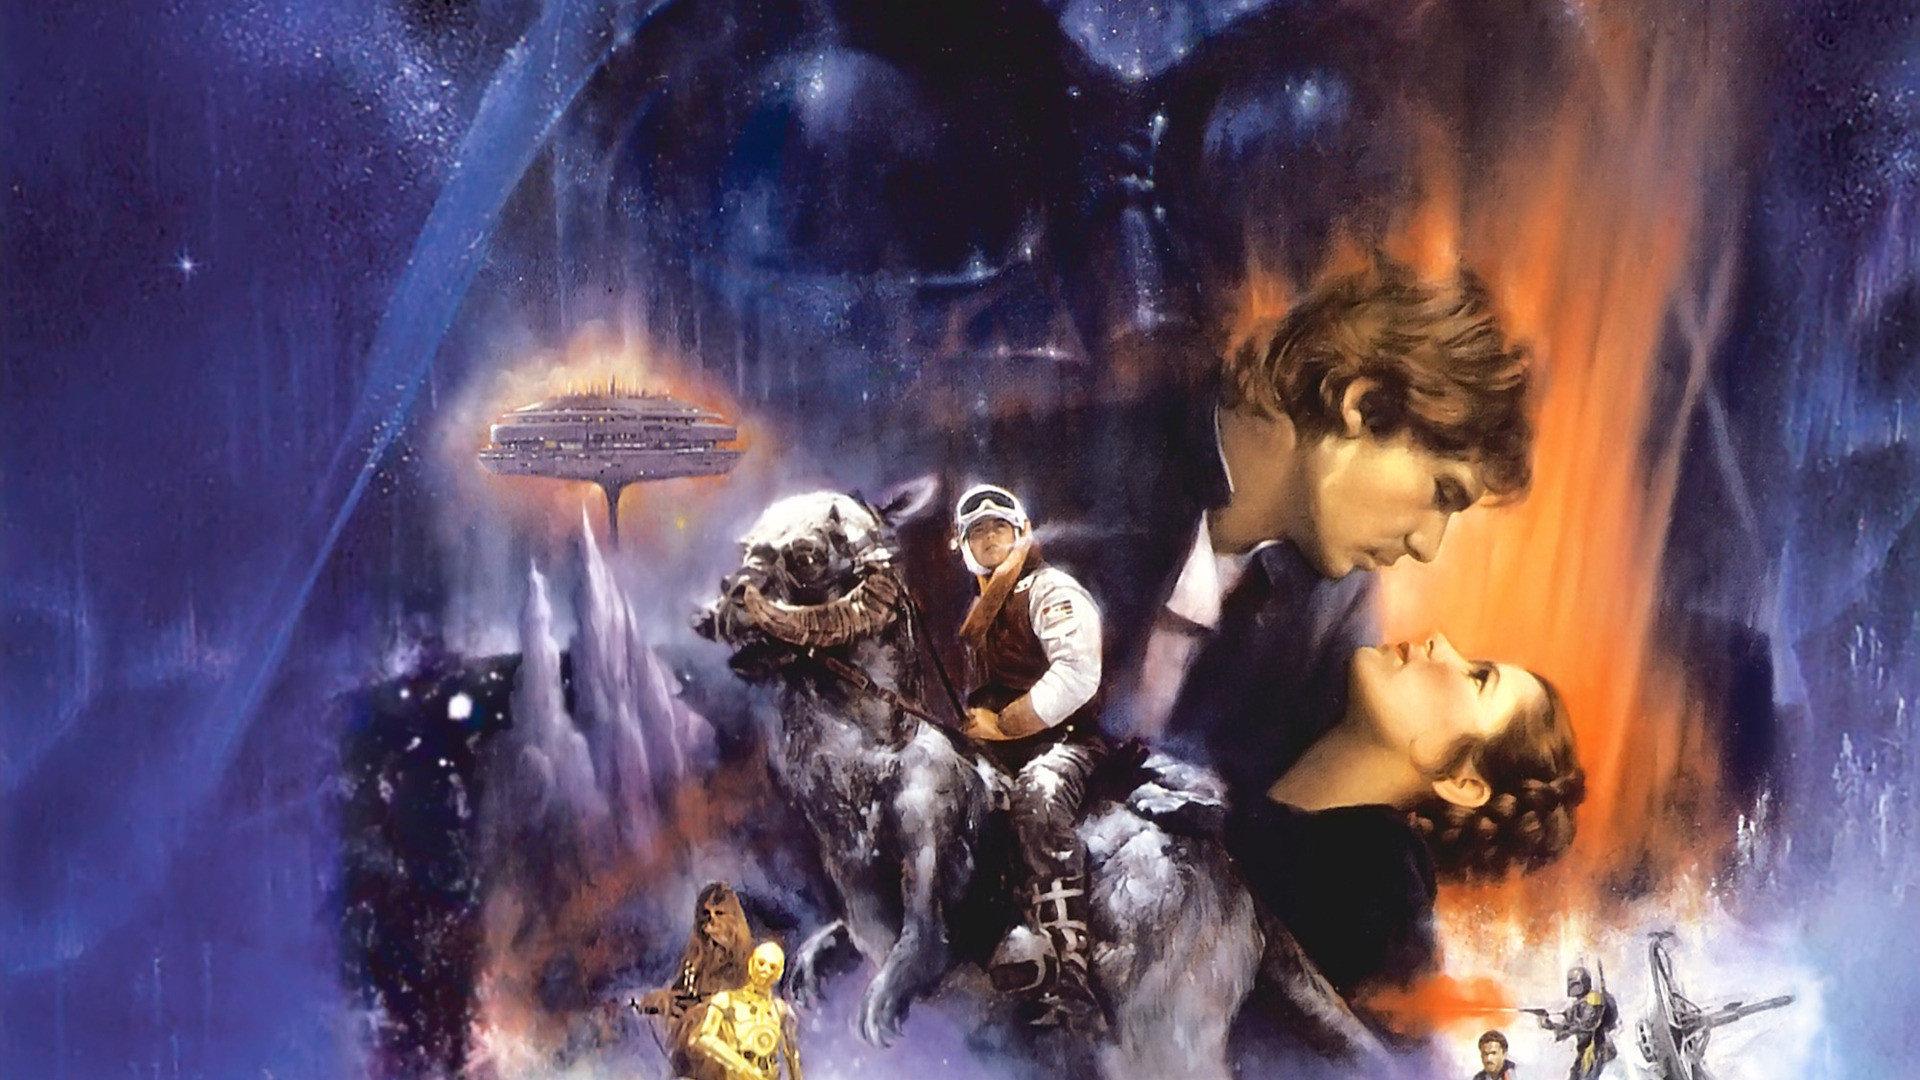 Download 1080p Star Wars Episode 5 V The Empire Strikes Back Desktop Wallpaper Id 123497